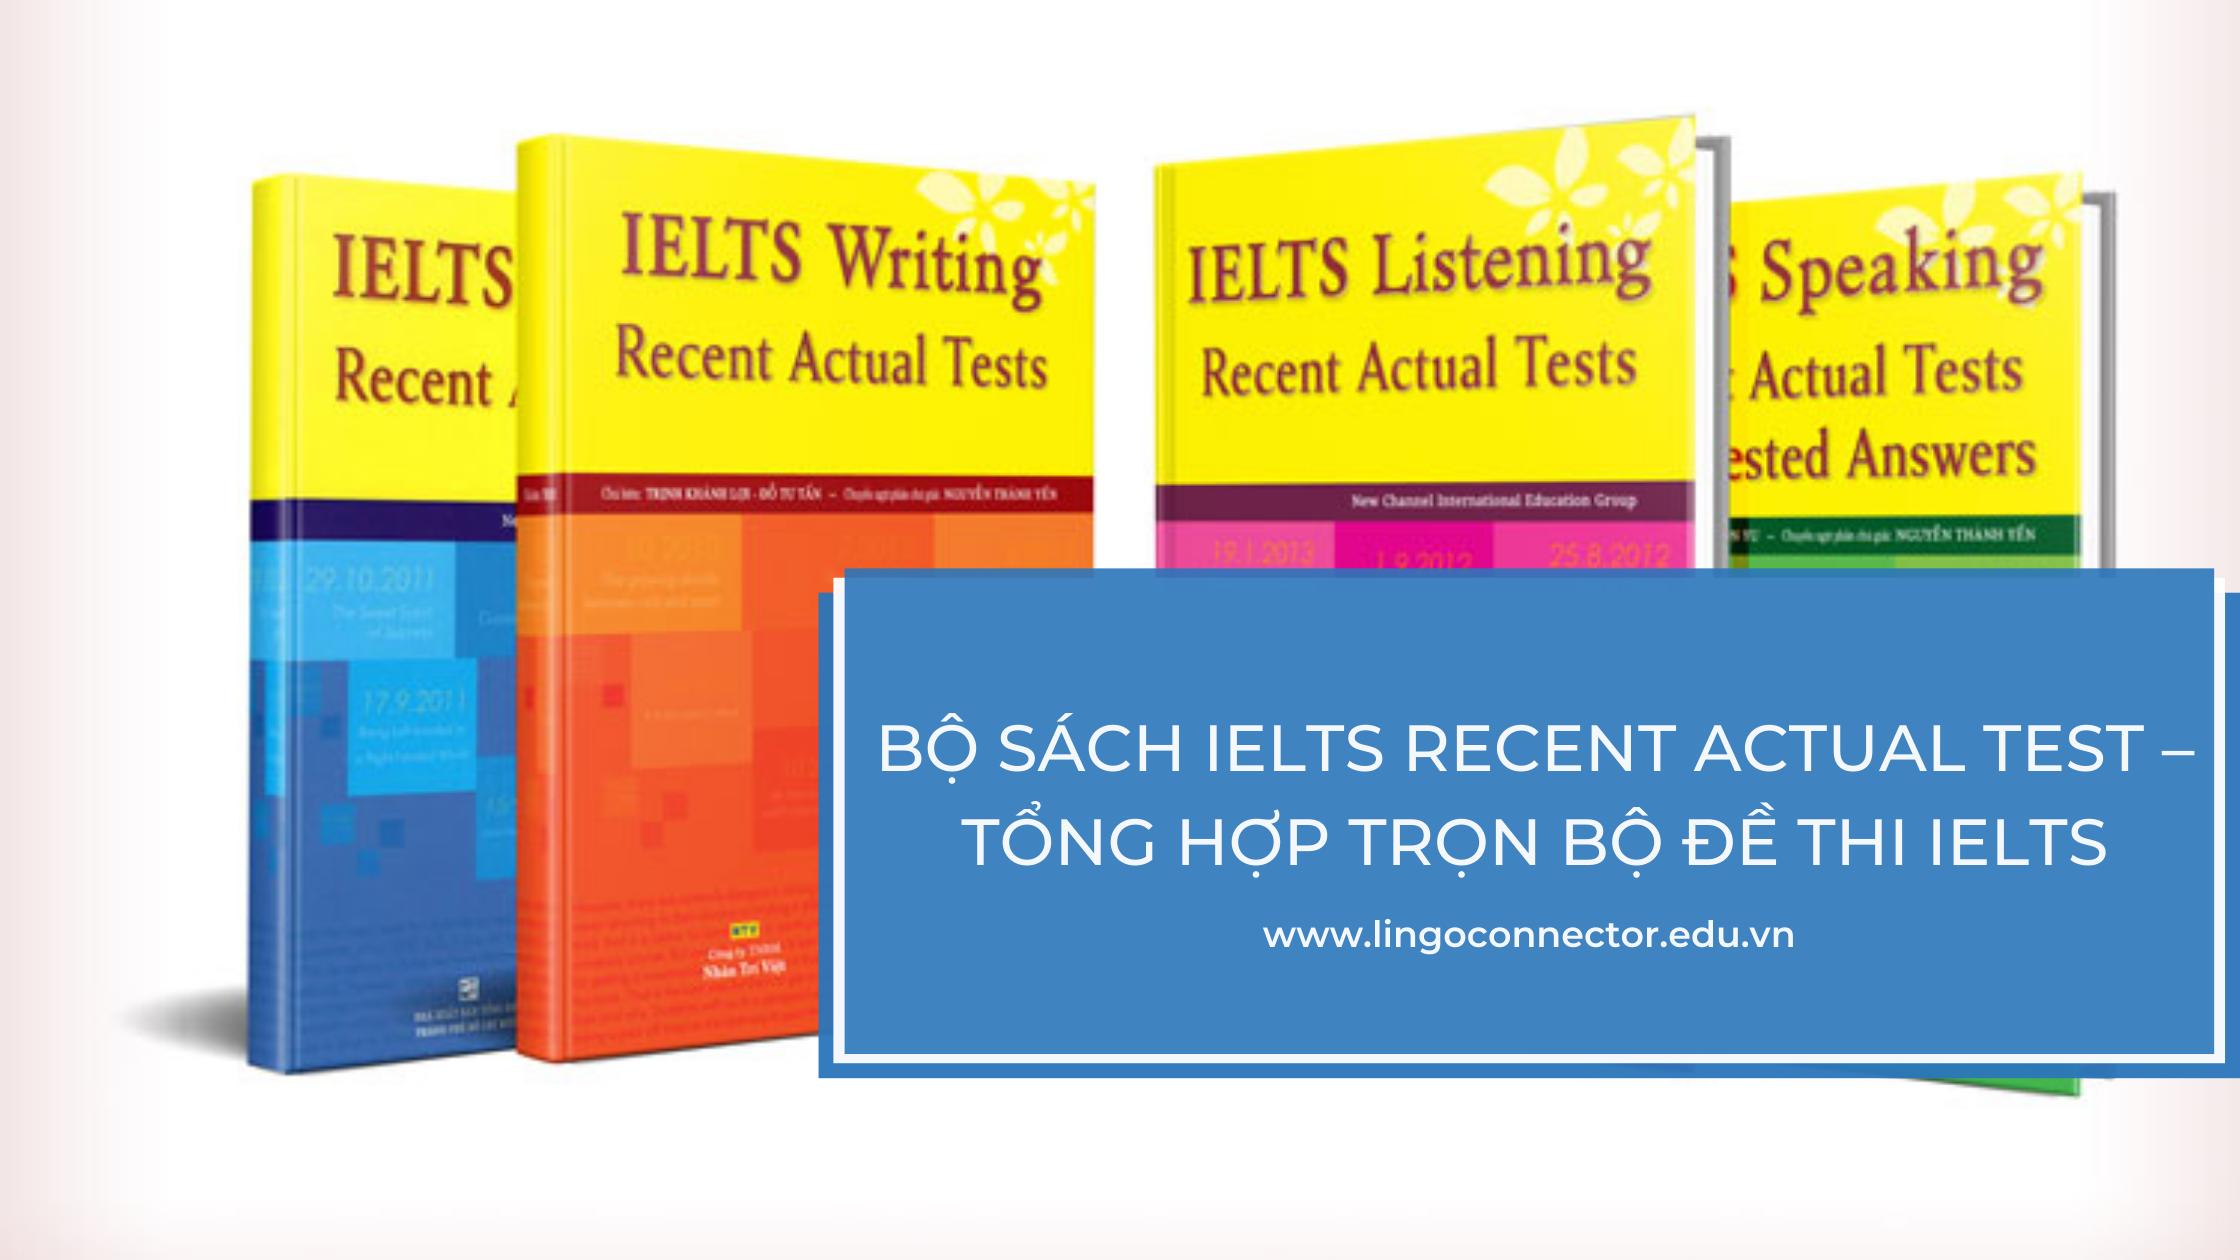 Bộ sách IELTS Recent Actual Test – Tổng hợp trọn bộ đề thi IELTS